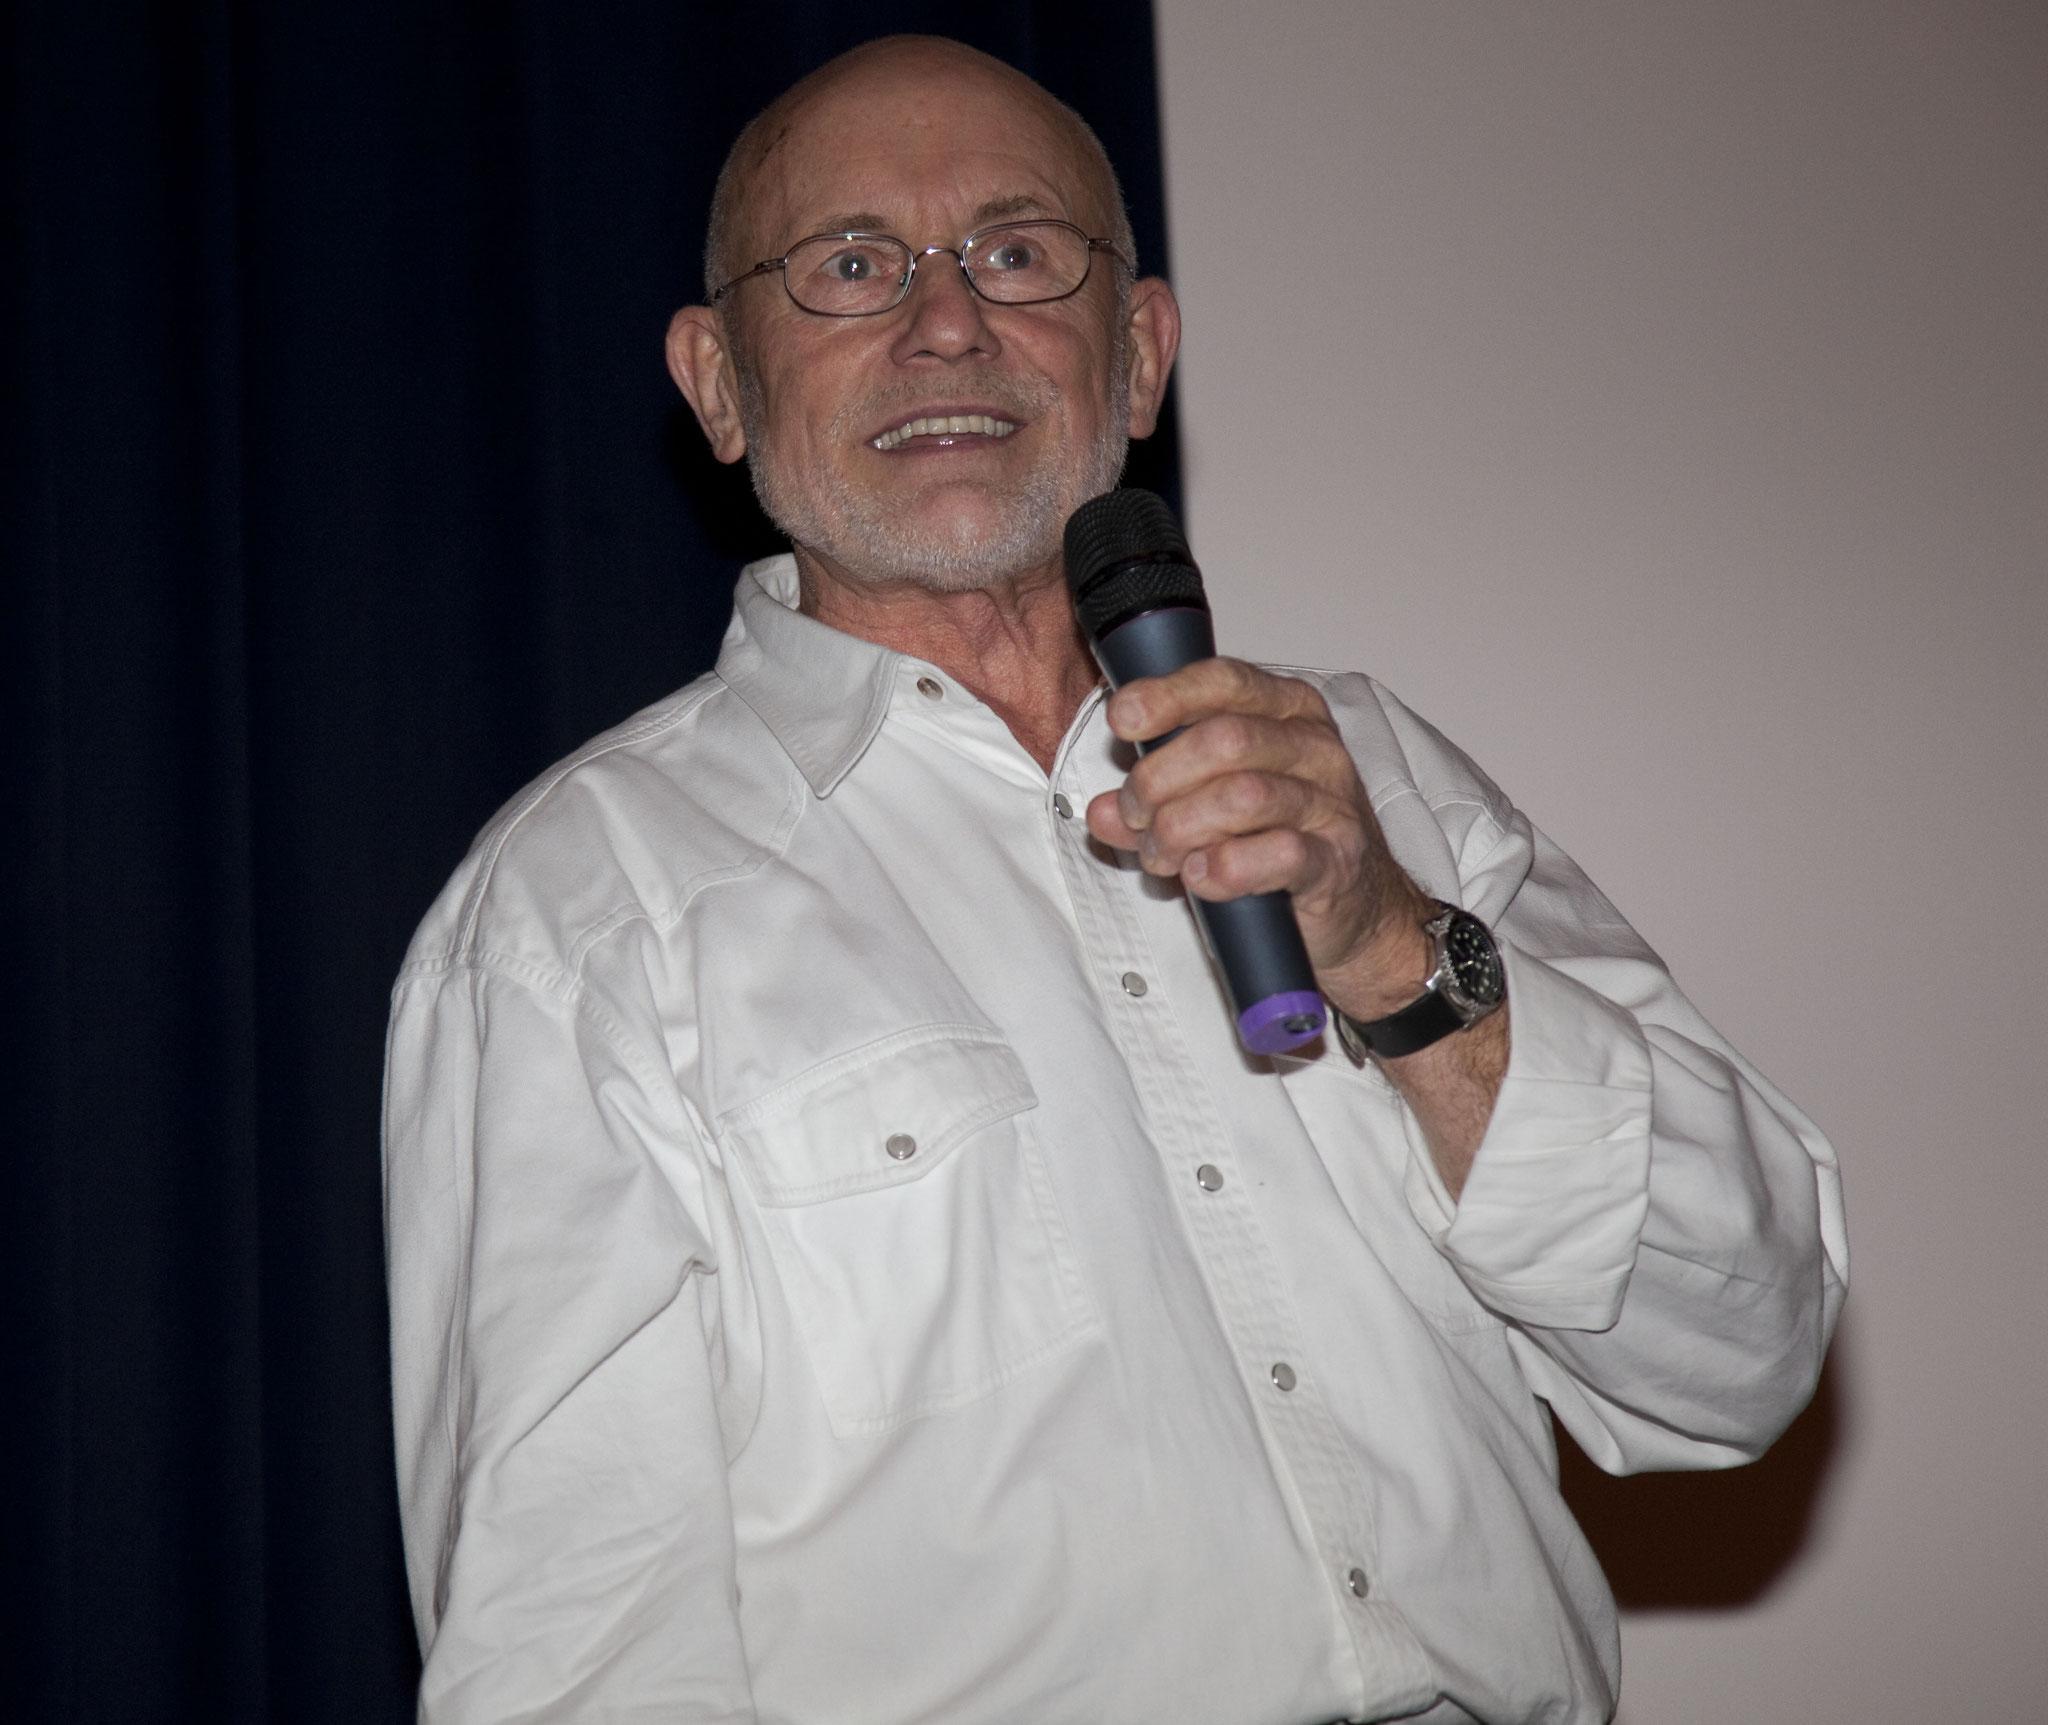 Rüdiger Nehberg